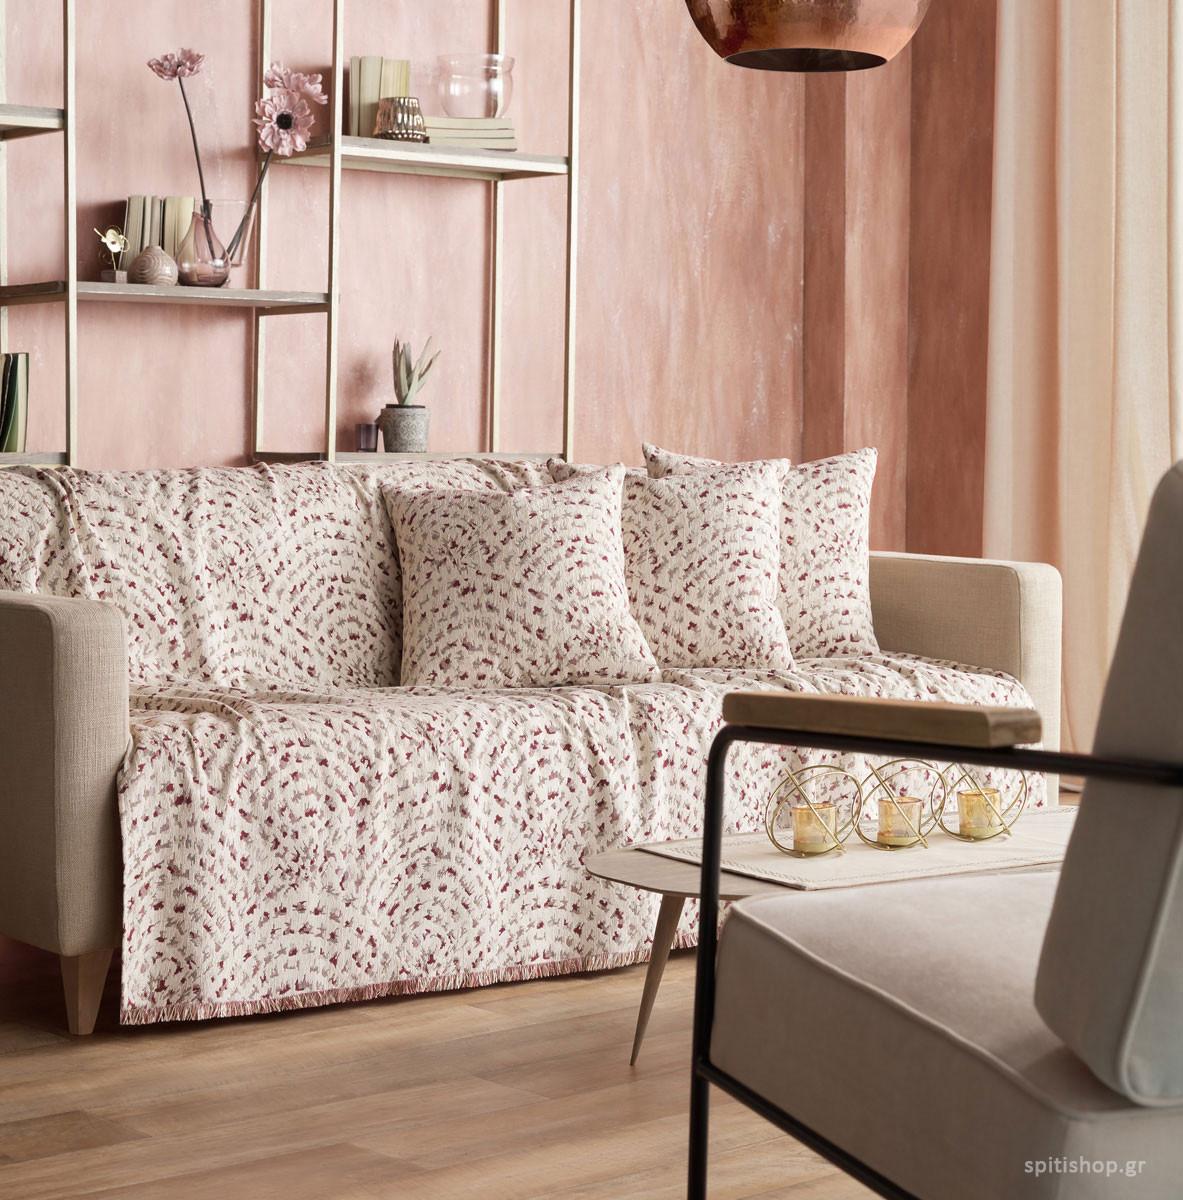 Ριχτάρι Τετραθέσιου (180×350) Gofis Home Ventalia Bordo 7223/02